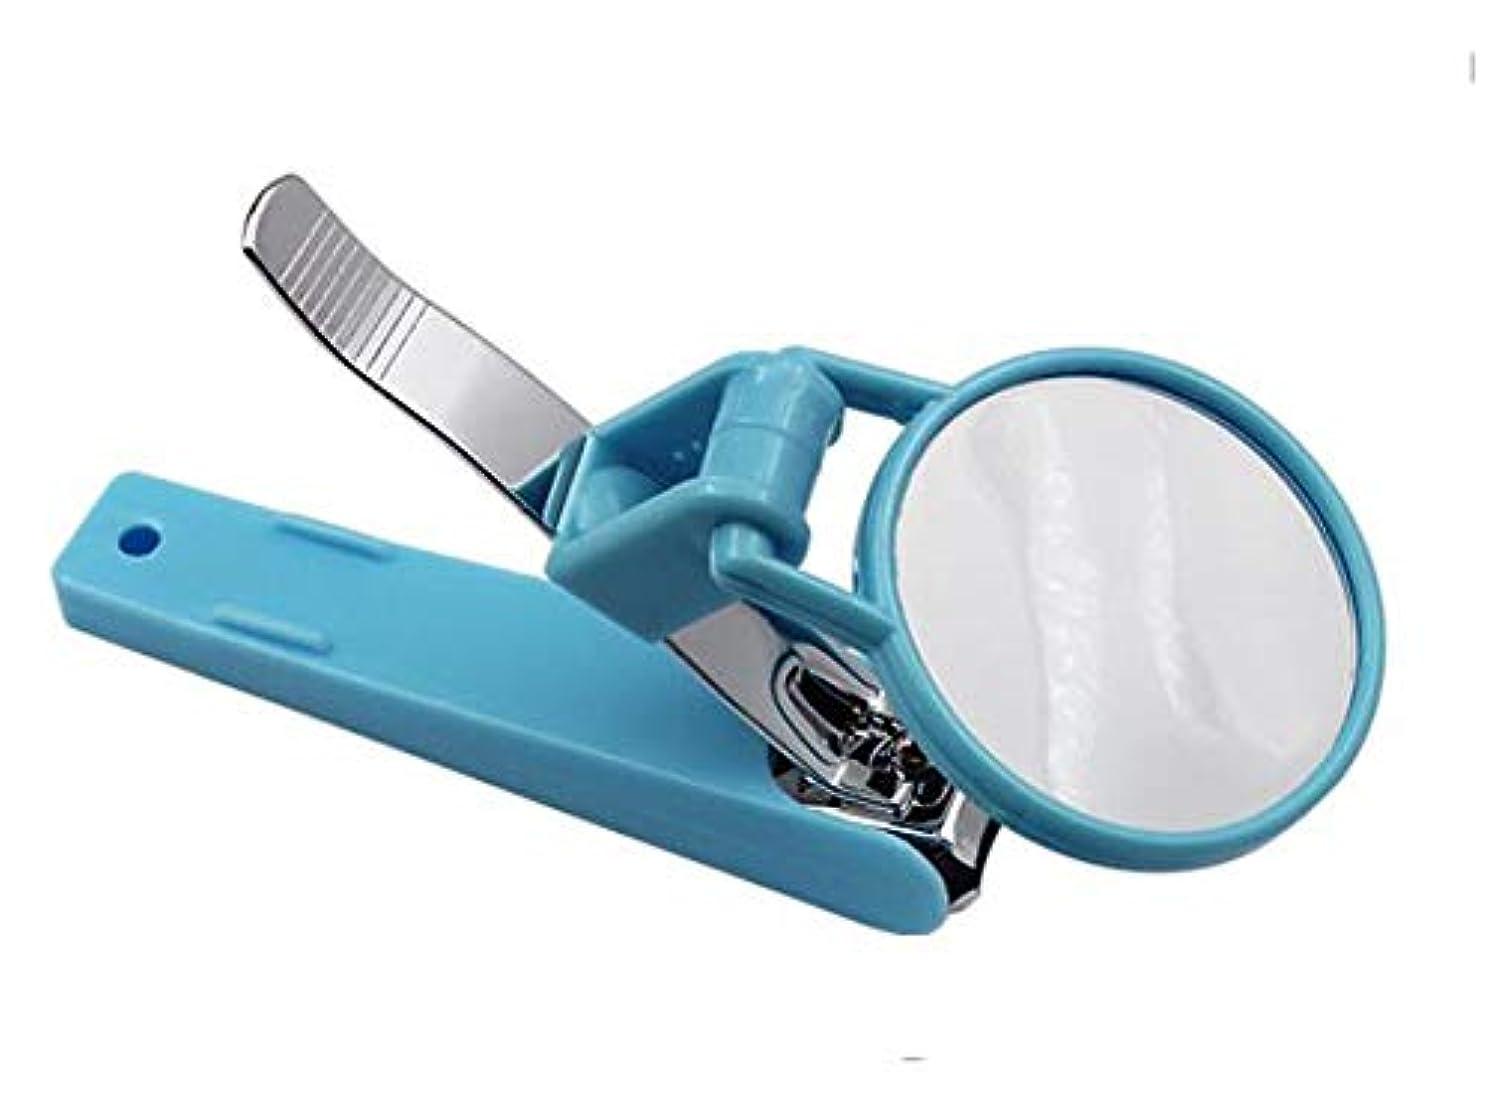 地域の慈悲で絶対にHJ 爪切り ルーペ付き爪切り ネイルケア 拡大鏡付き つめきり ルーペ付きツメキリ ルーペ付きネイルケア 高齢者向け 虫眼鏡 ステンレス鋼 コンパクト 携帯便利 360度回転する